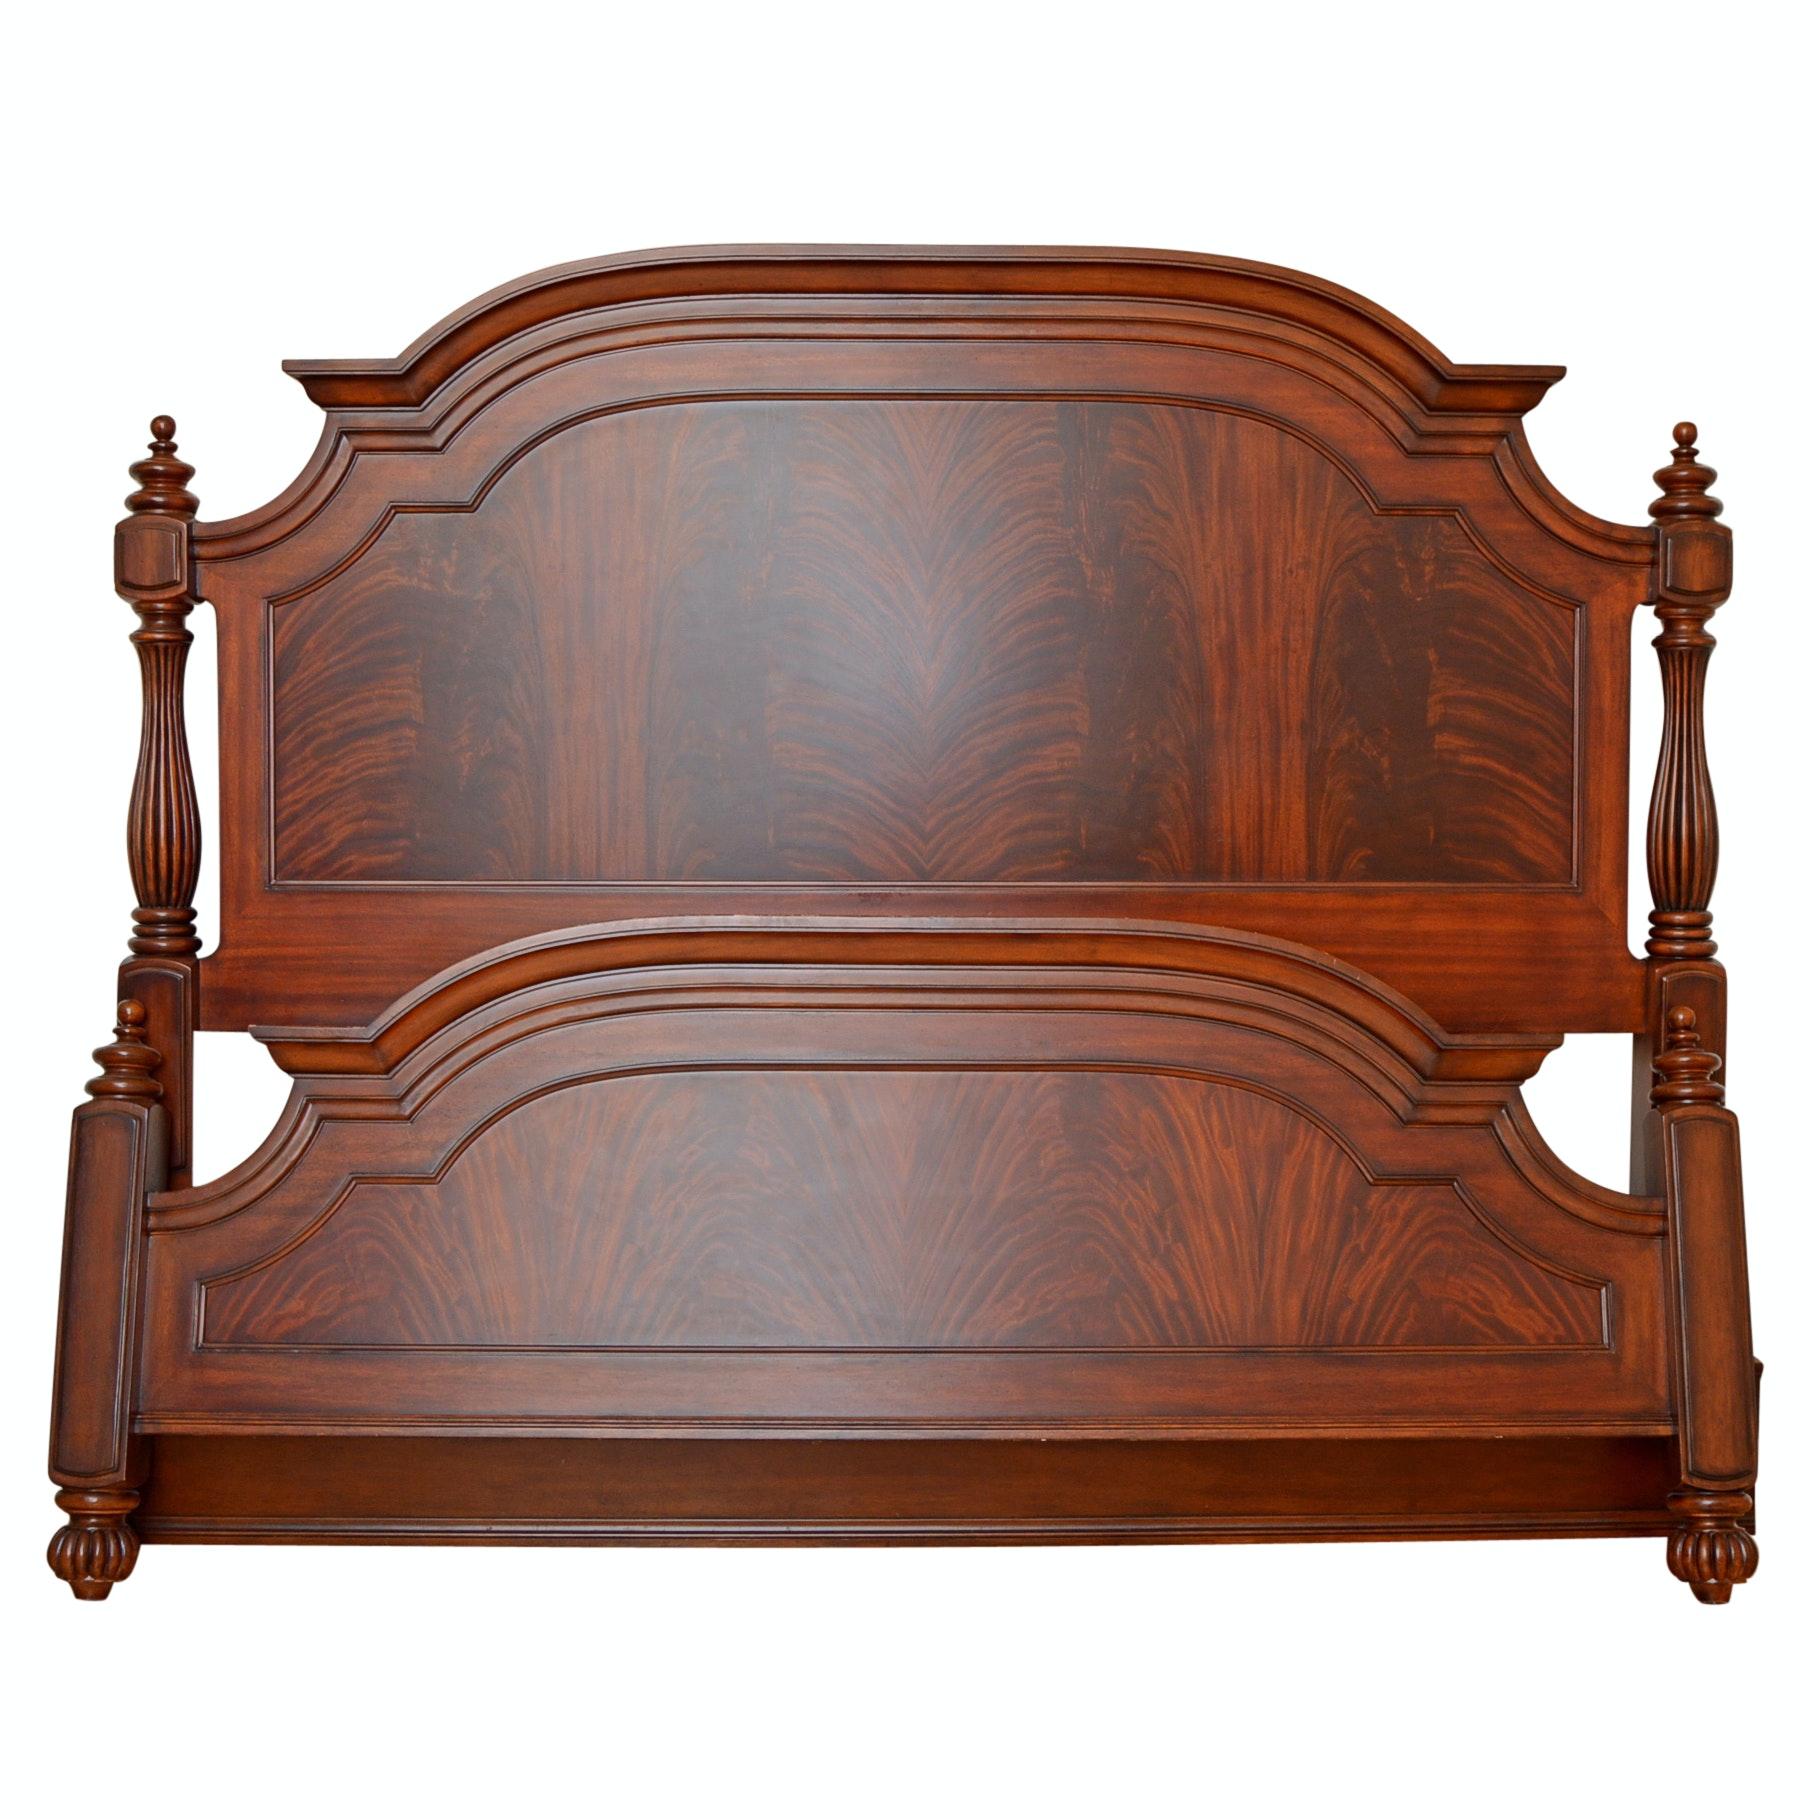 Mahogany King Bed Frame